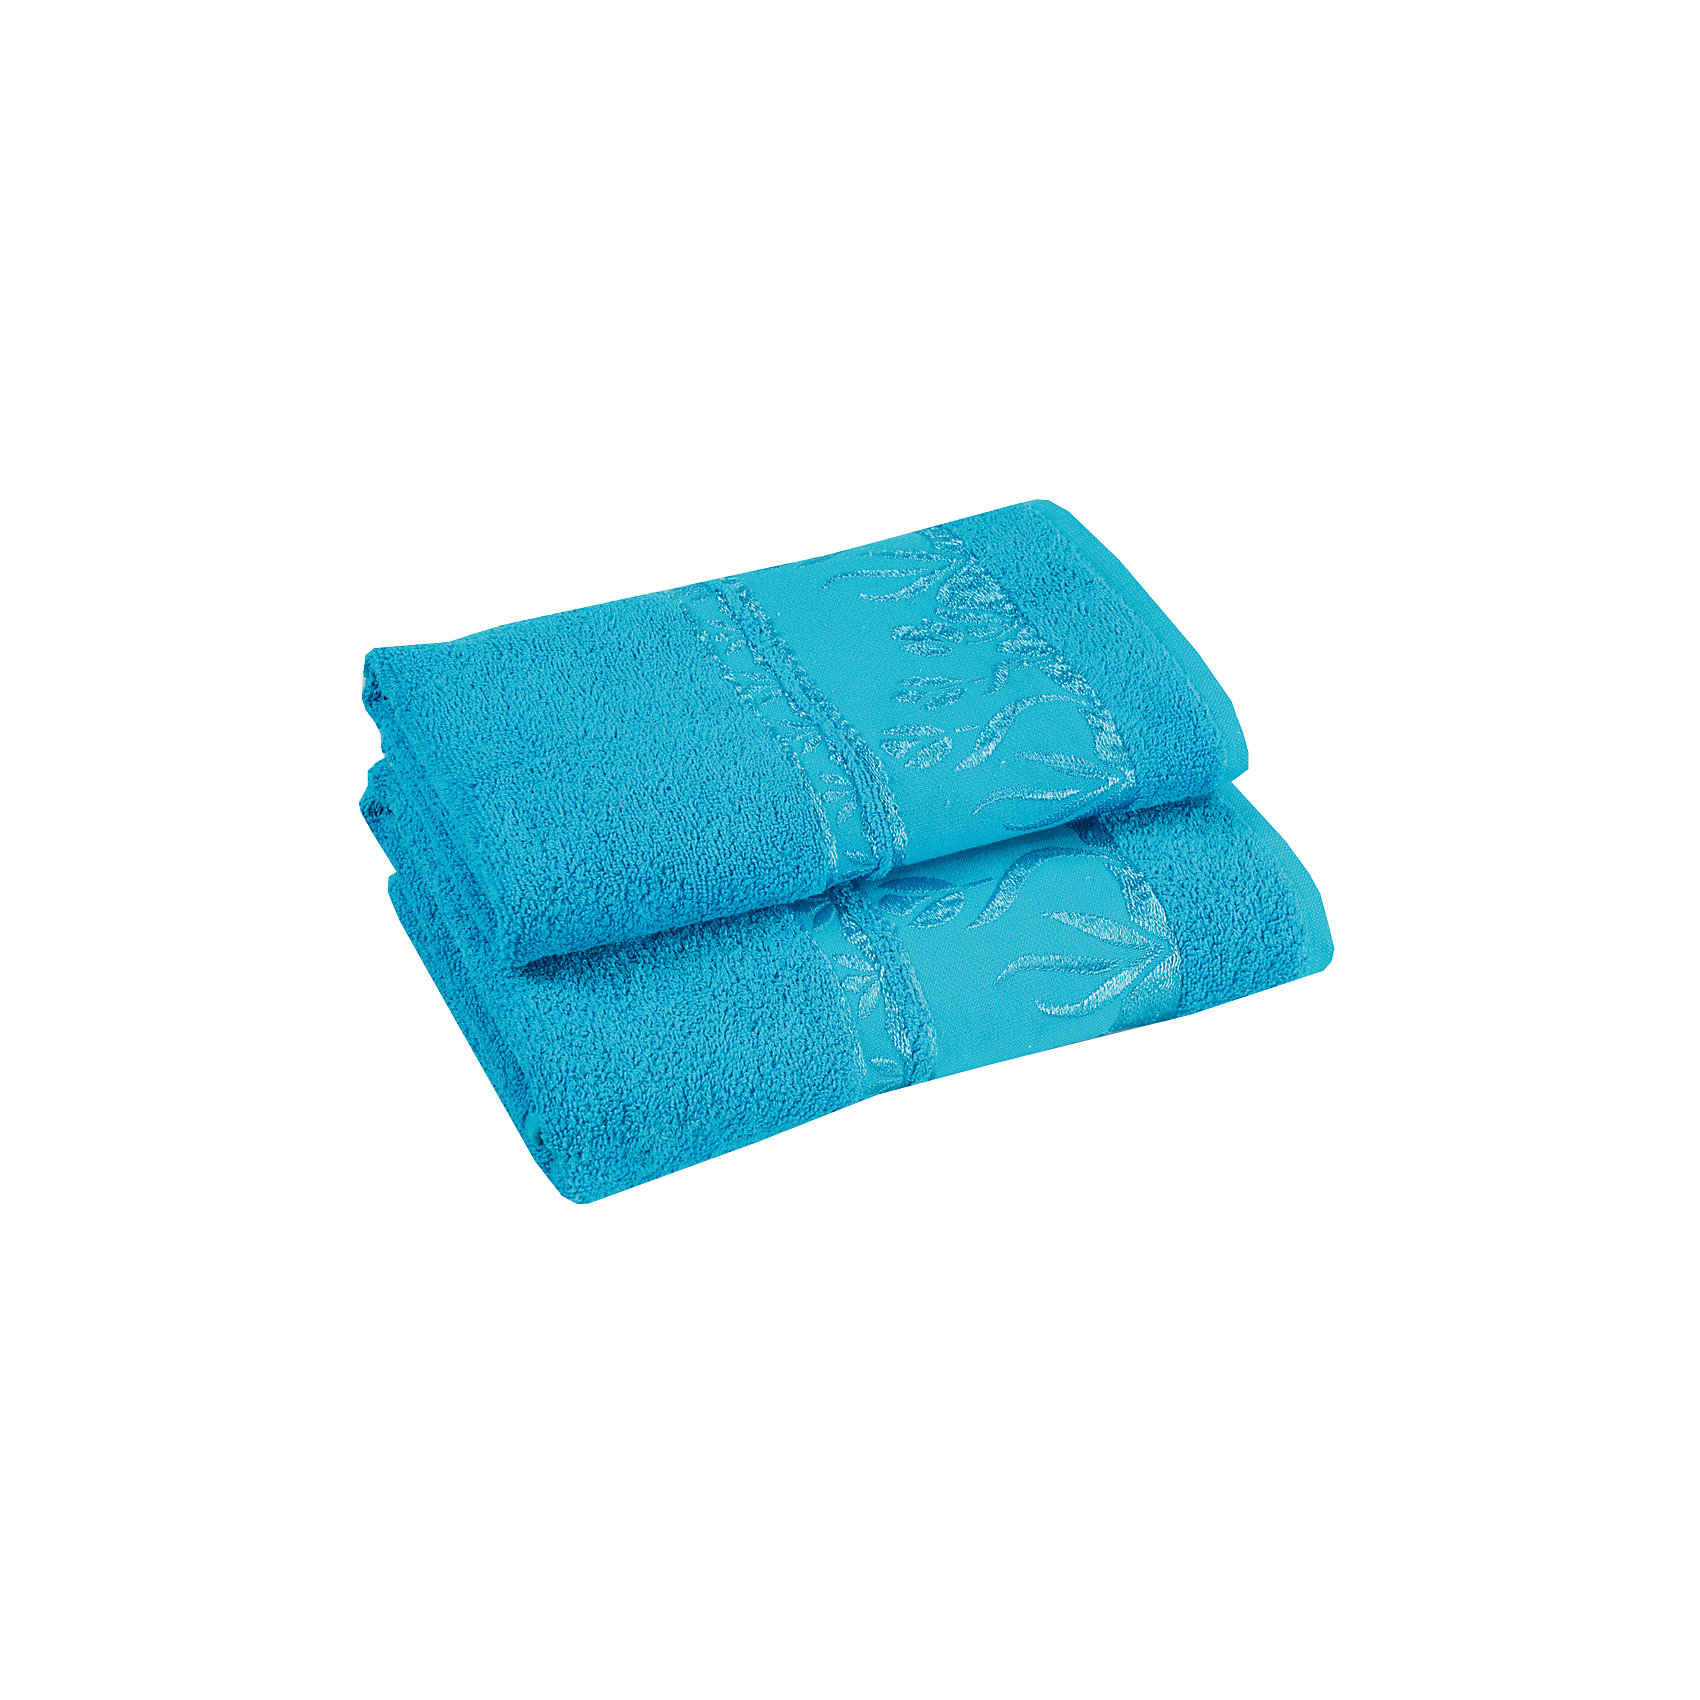 Полотенце махровое Tulips 50*100, Португалия, ярко-голубойTulips - махровое полотенце из натурального качественного хлопка. Она хорошо впитает влагу и подарит вам ощущение мягкости после водных процедур. Полотенце износостойкое и хорошо сохраняет цвет. Украшено жаккардовым узором. <br><br>Дополнительная информация:<br>Материал: 100% хлопок<br>Плотность: 500 г/м2<br>Размер: 50х100 см<br>Цвет: ярко-голубой<br>Торговая марка: Португалия<br><br>Вы можете приобрести махровое полотенце Tulips  в нашем интернет-магазине.<br><br>Ширина мм: 500<br>Глубина мм: 500<br>Высота мм: 200<br>Вес г: 350<br>Возраст от месяцев: 0<br>Возраст до месяцев: 144<br>Пол: Унисекс<br>Возраст: Детский<br>SKU: 5010948